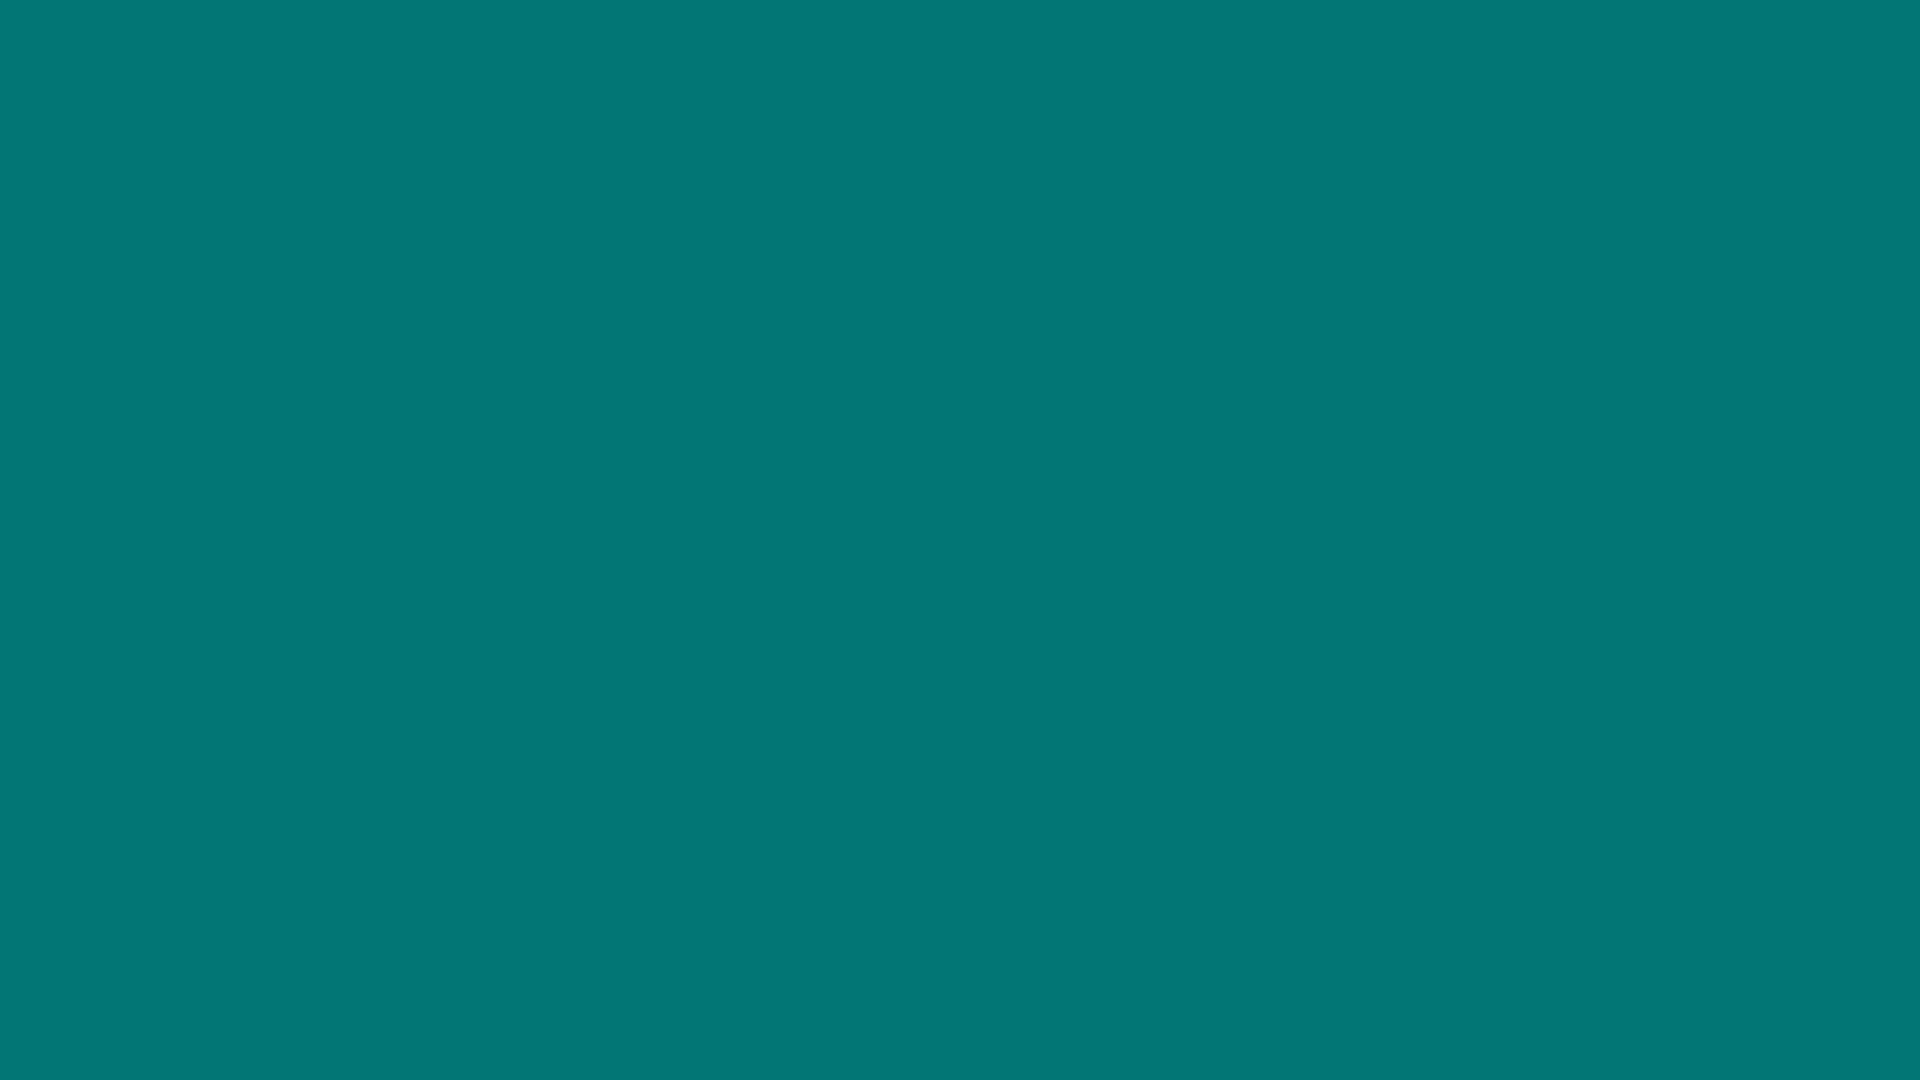 [공지] 서울대학교 아시아연구소 콜로키움 – 주제: 한국의 문화정책과 대중문화 컨텐츠(contents)의 생산의 조건